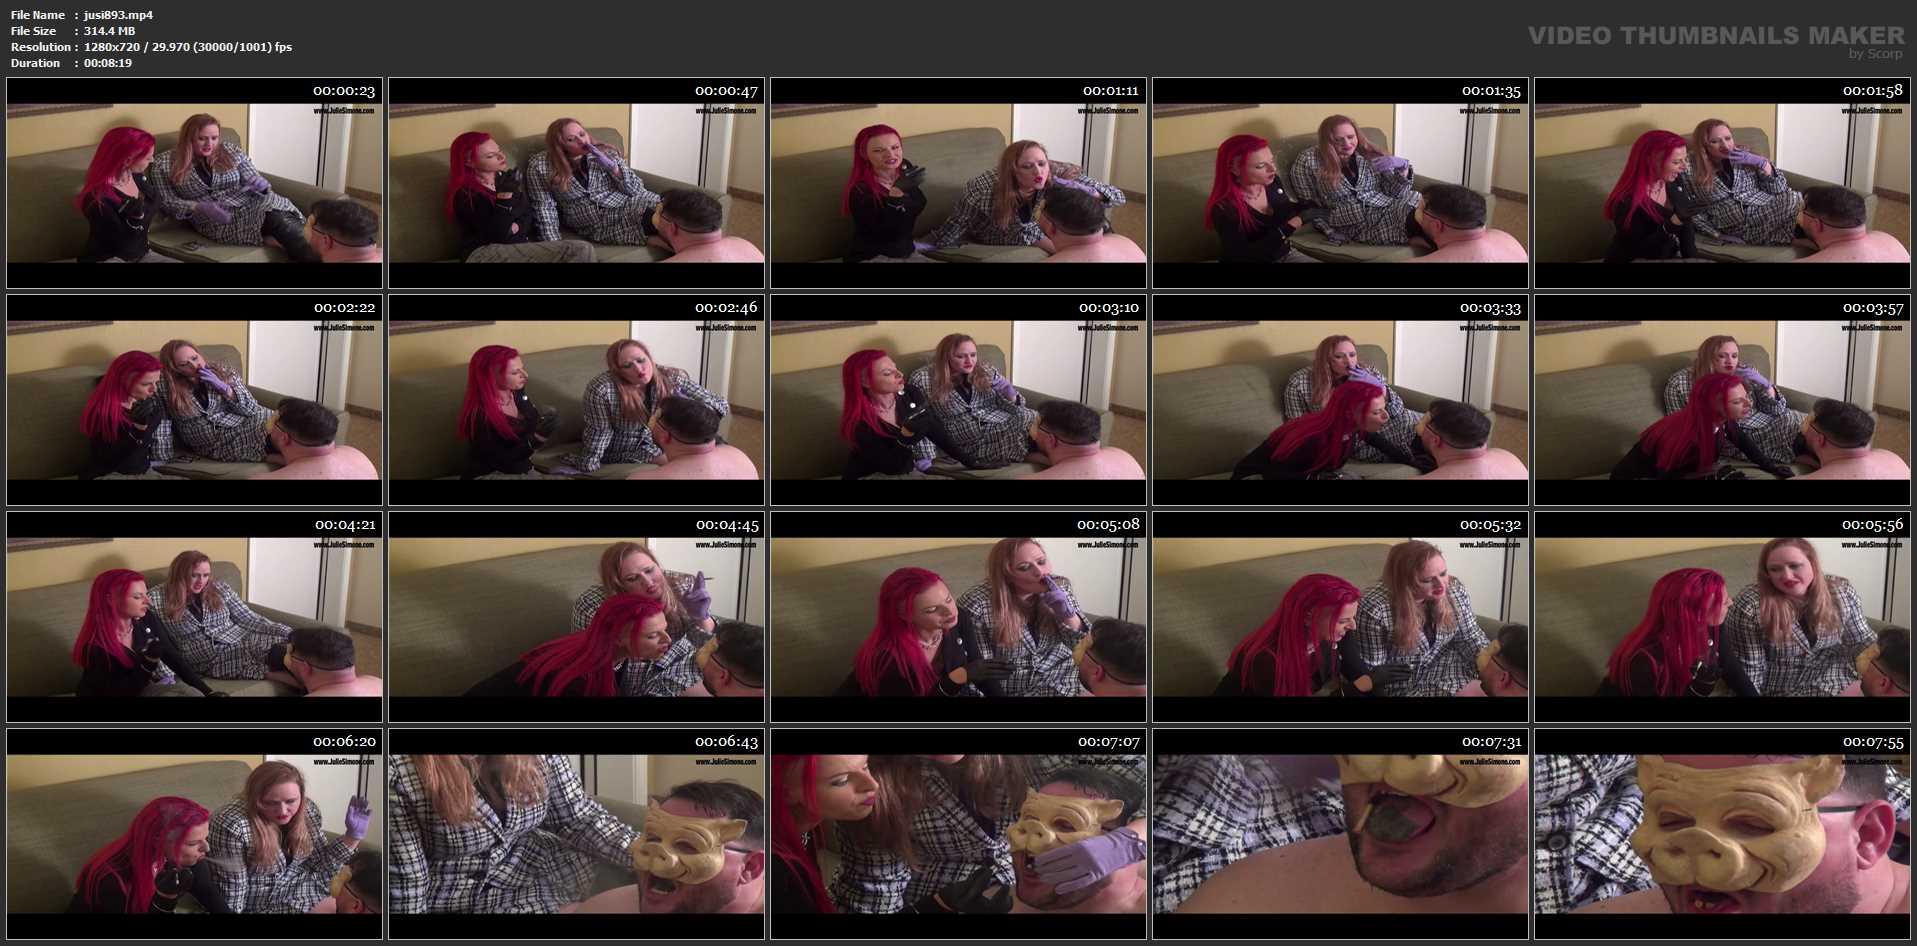 Mistrix, Julie Simone In Scene: Mistrix and Julie's Ashtray Pig - JULIESIMONE - HD/720p/MP4